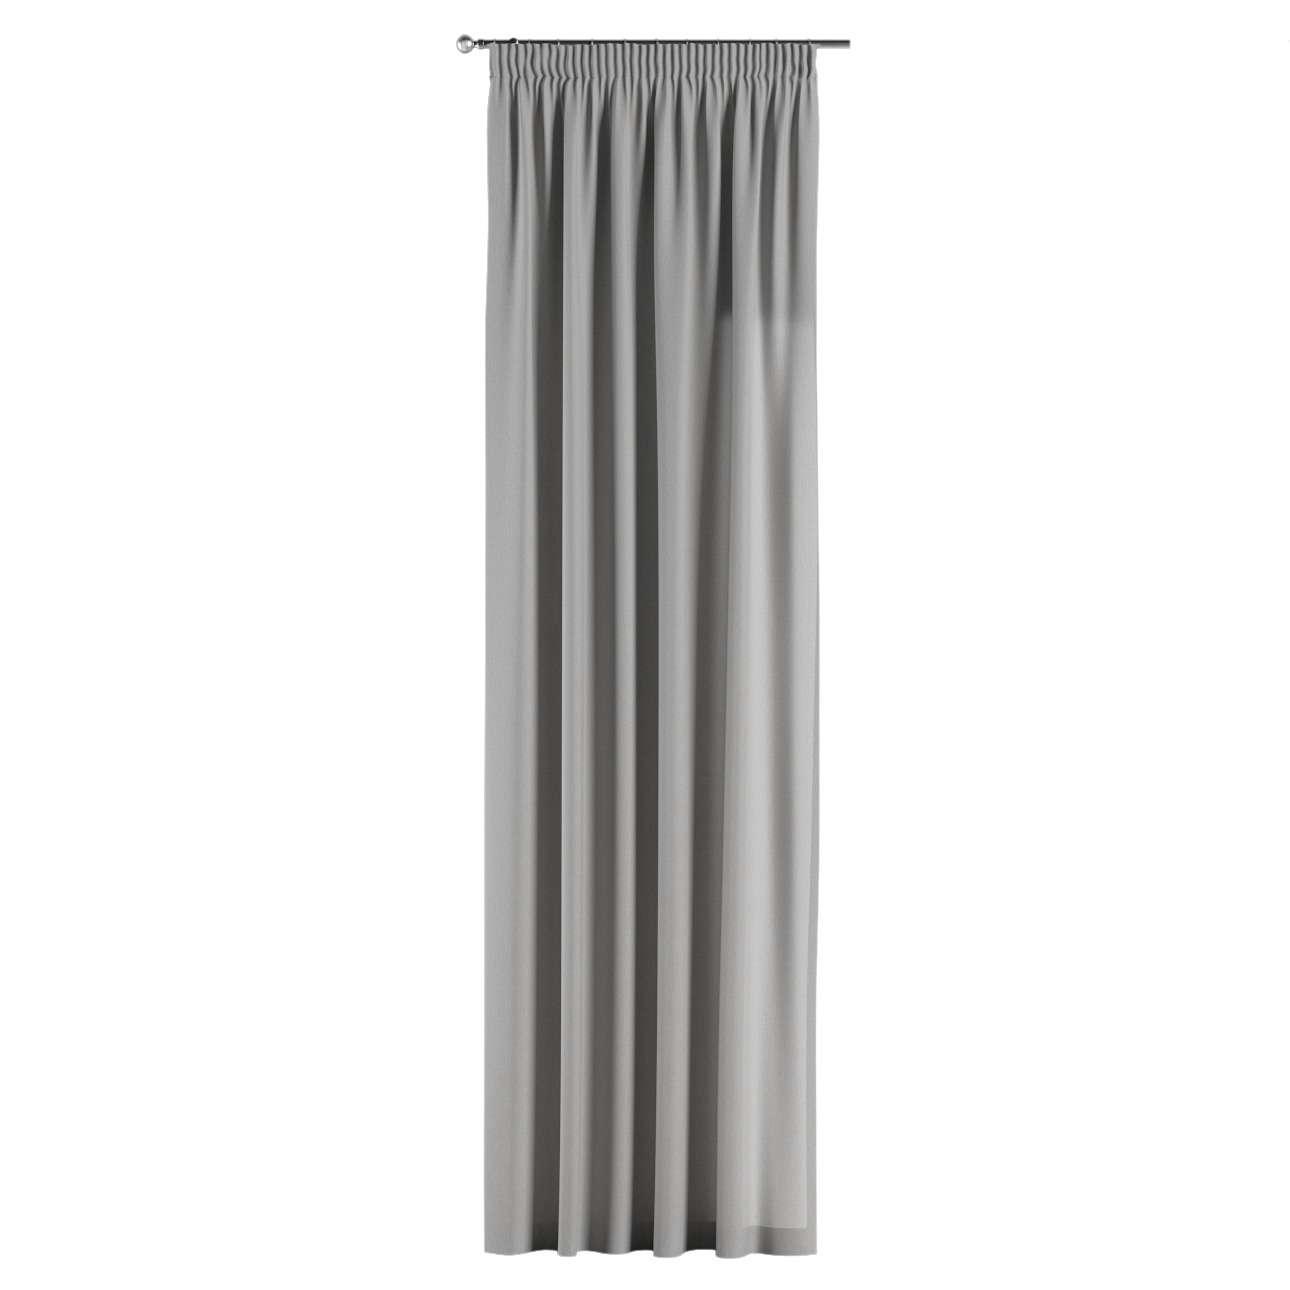 Gardin med rynkebånd 130 x 260 cm fra kollektionen Chenille, Stof: 702-23